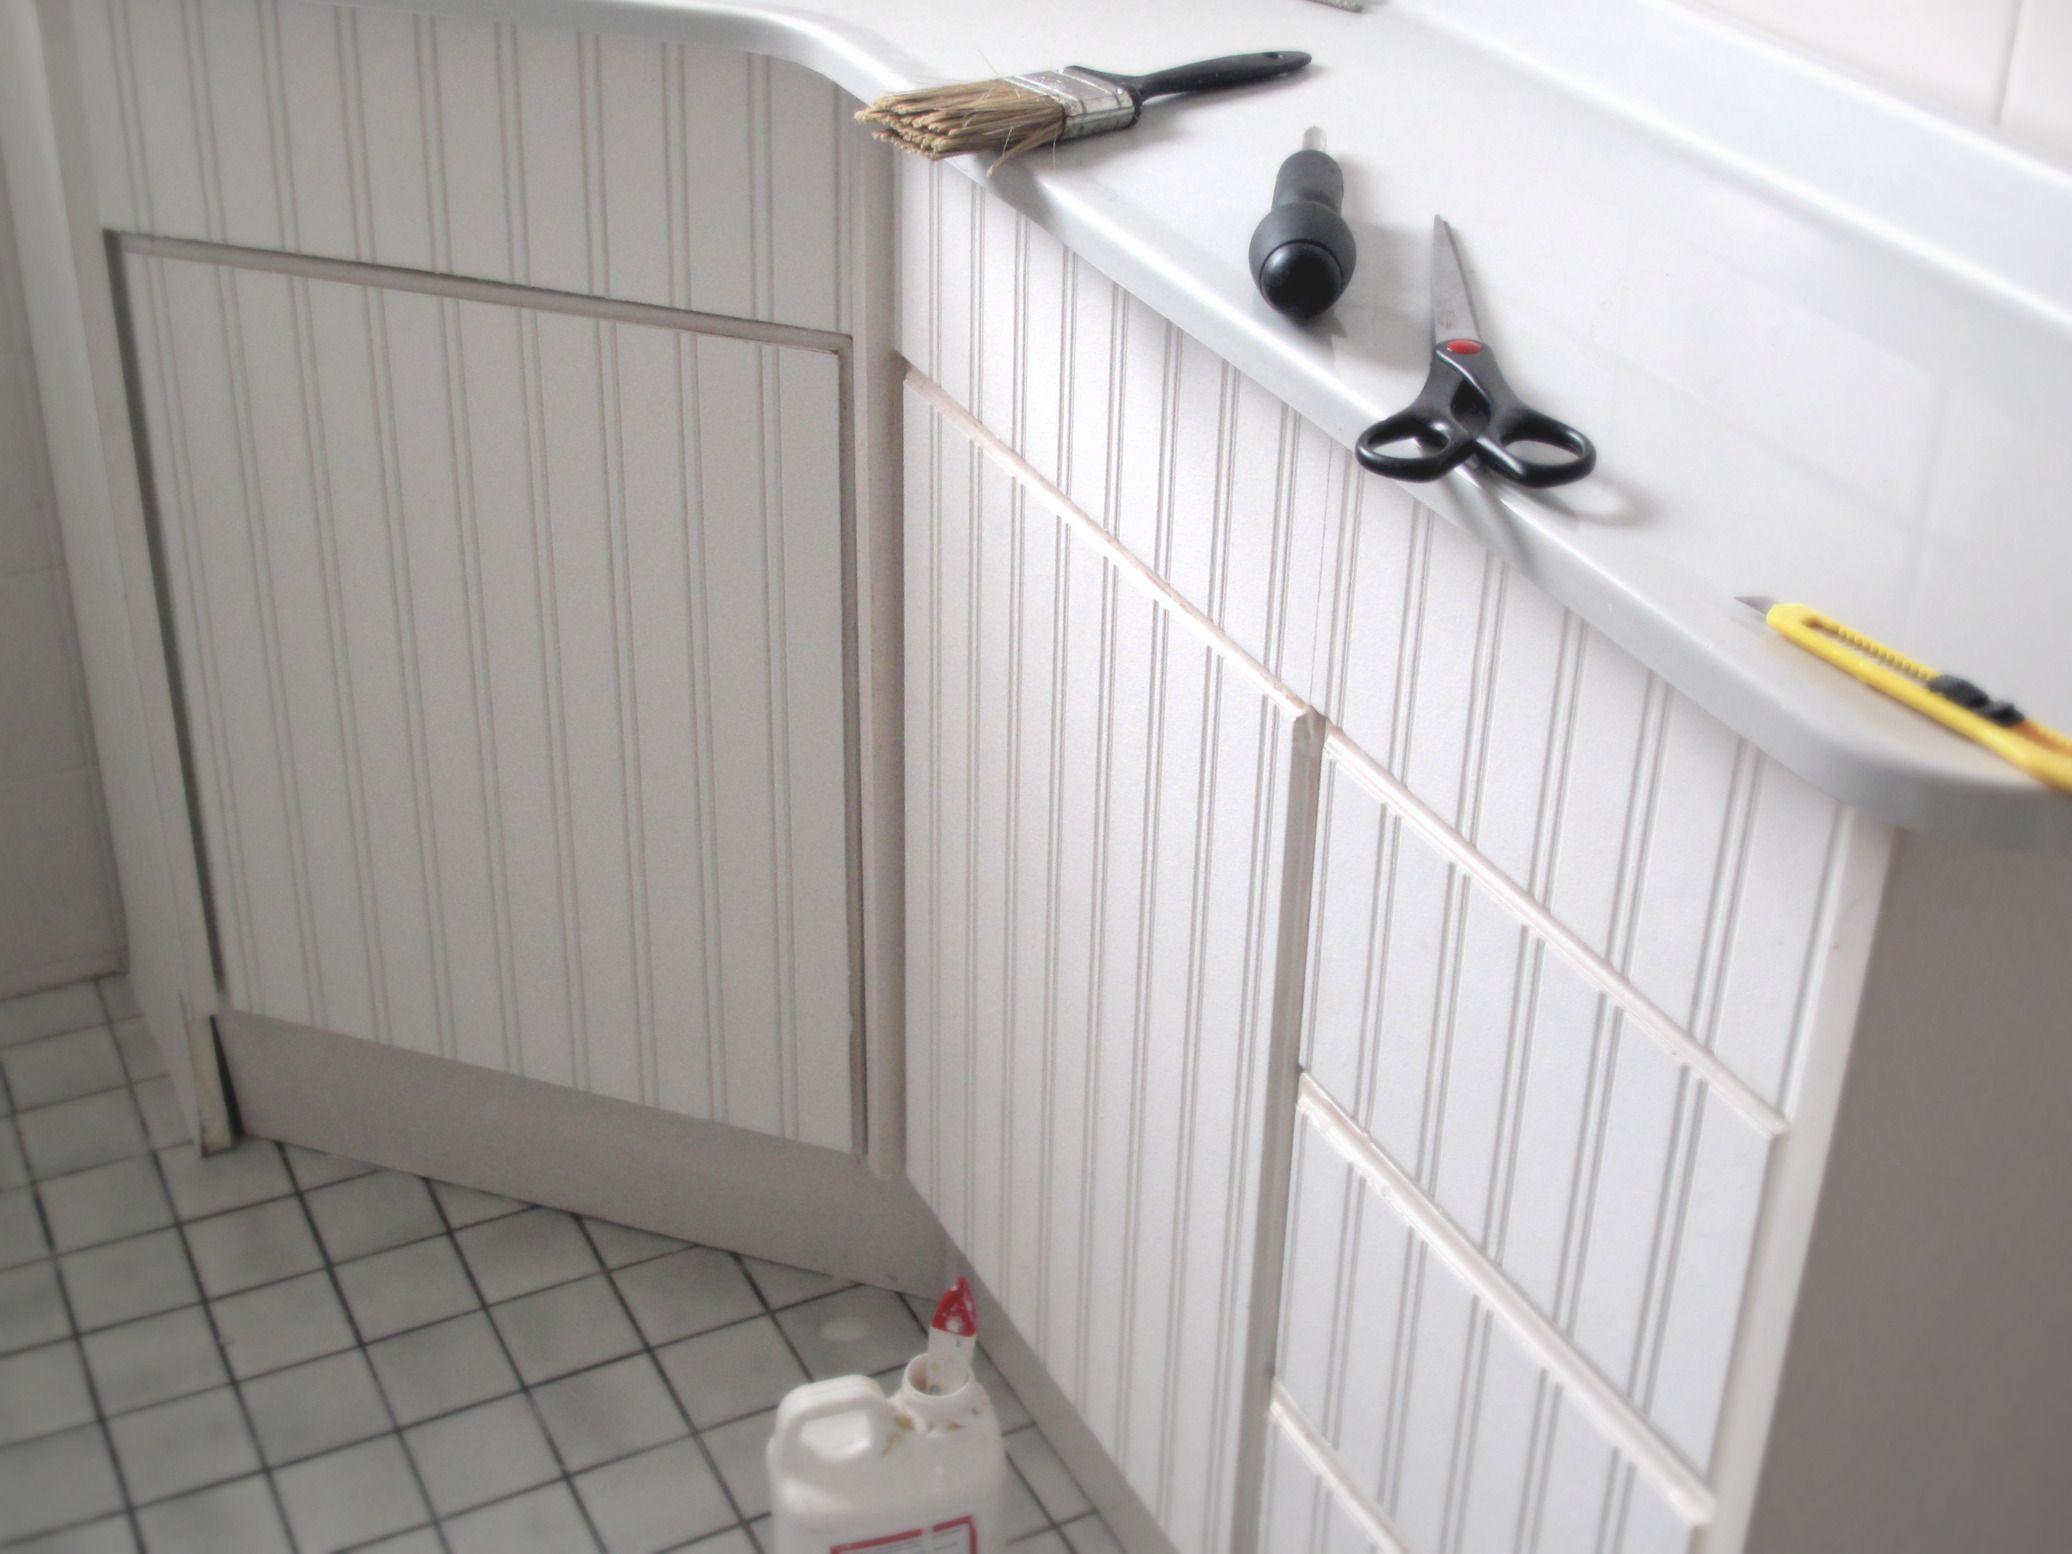 Beadboard Wallpaper = Bingo For Cabinet Doors - Kitchen Vision